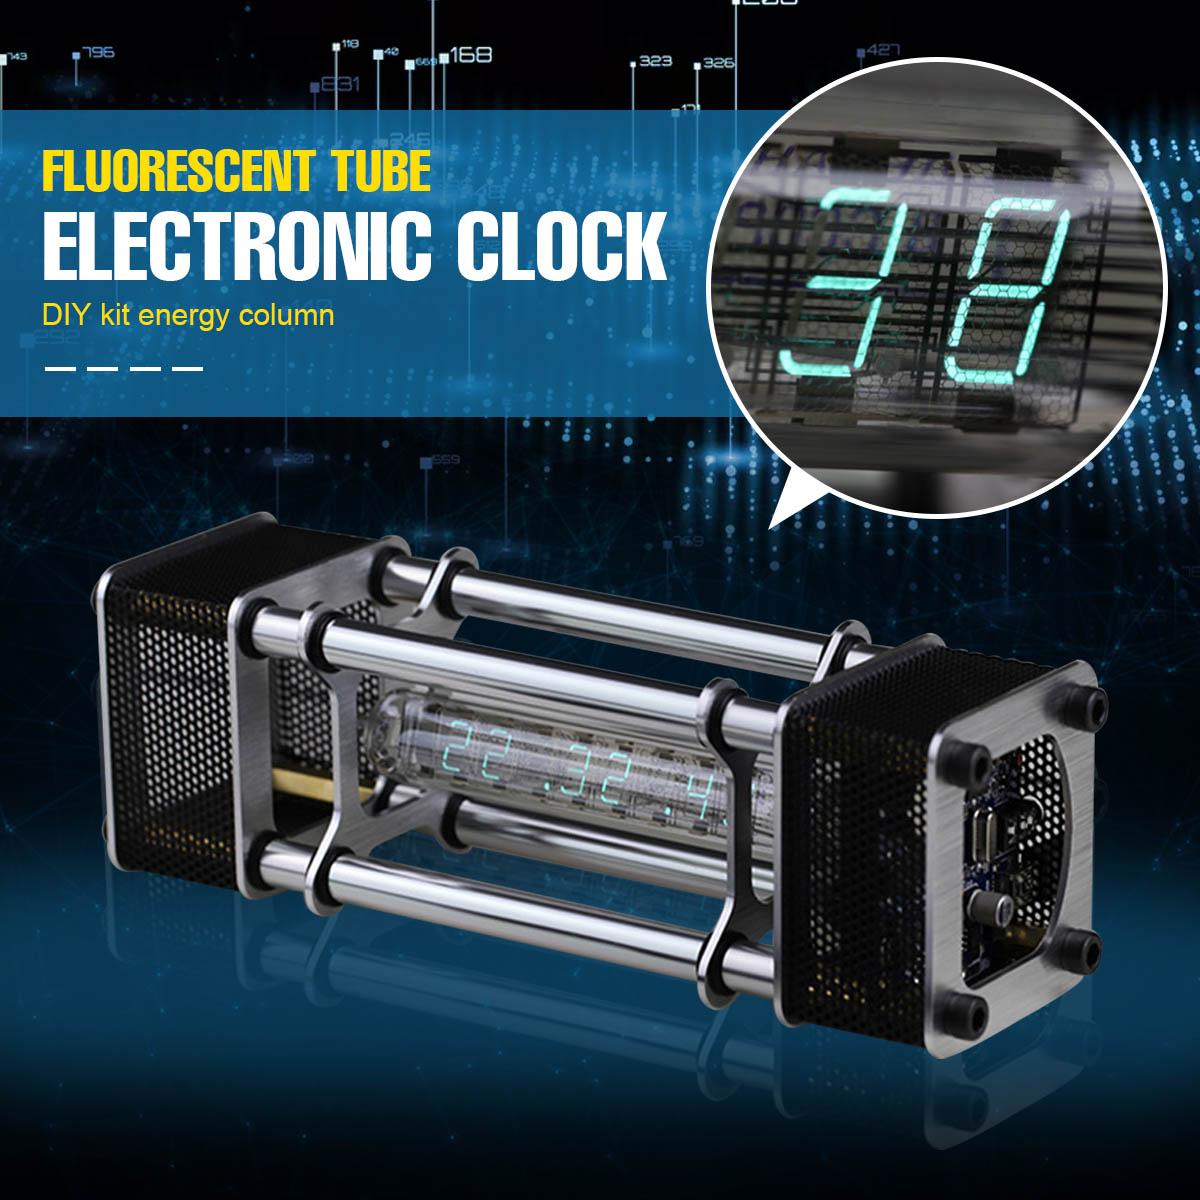 Desmontado IV-18 6 Display Digital de Energia Fluorescente do Tubo Relógio Eletrônico Kit DIY Pilar Com Módulo de Controle Remoto